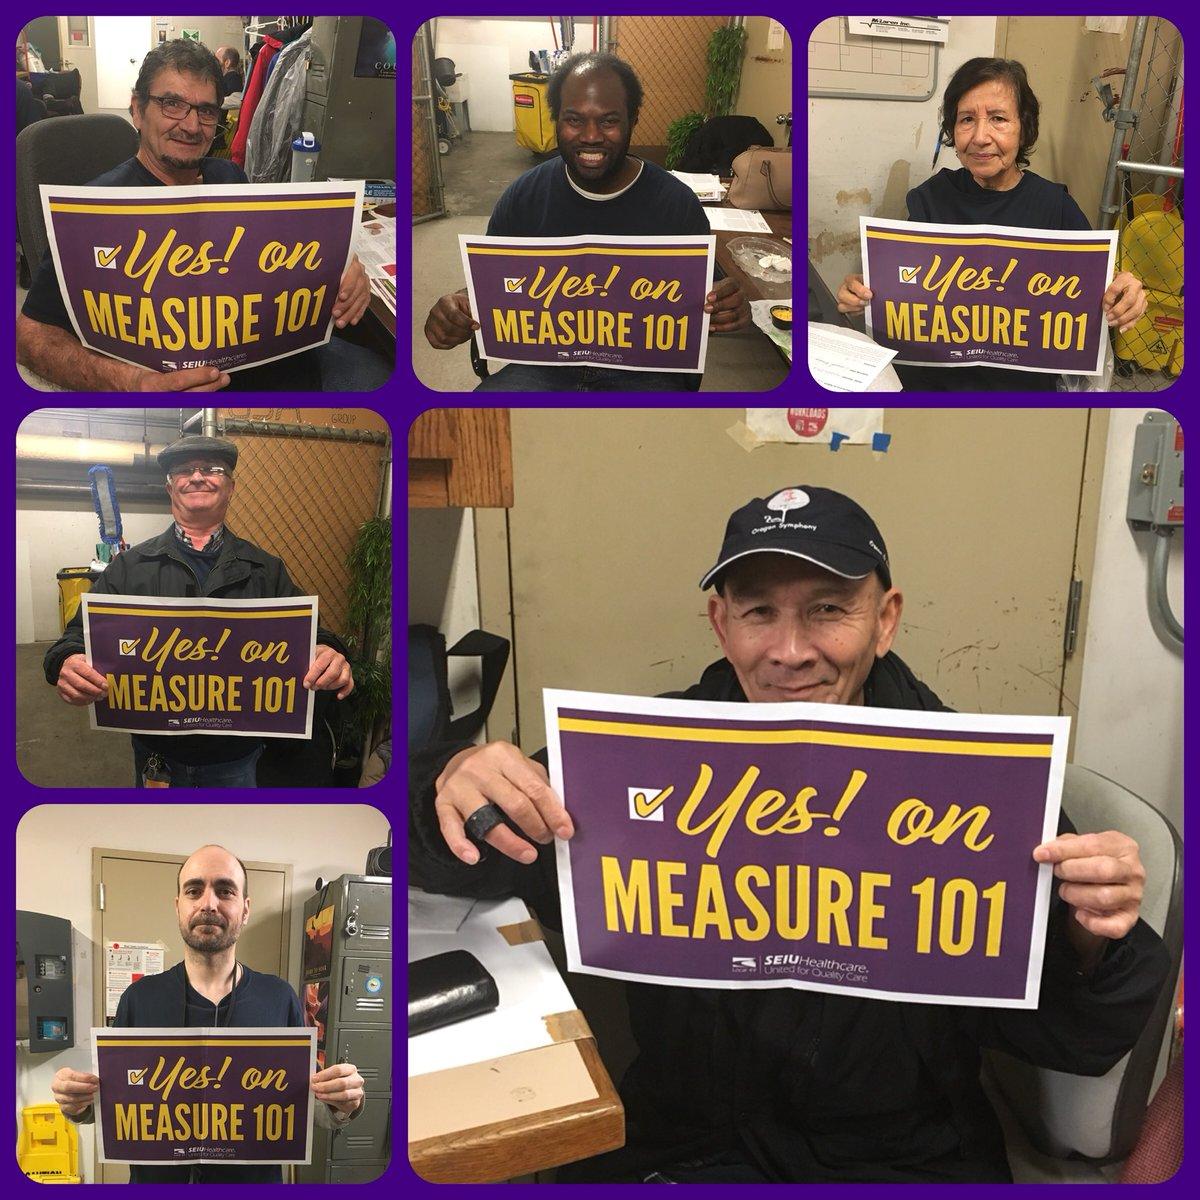 Measure 101